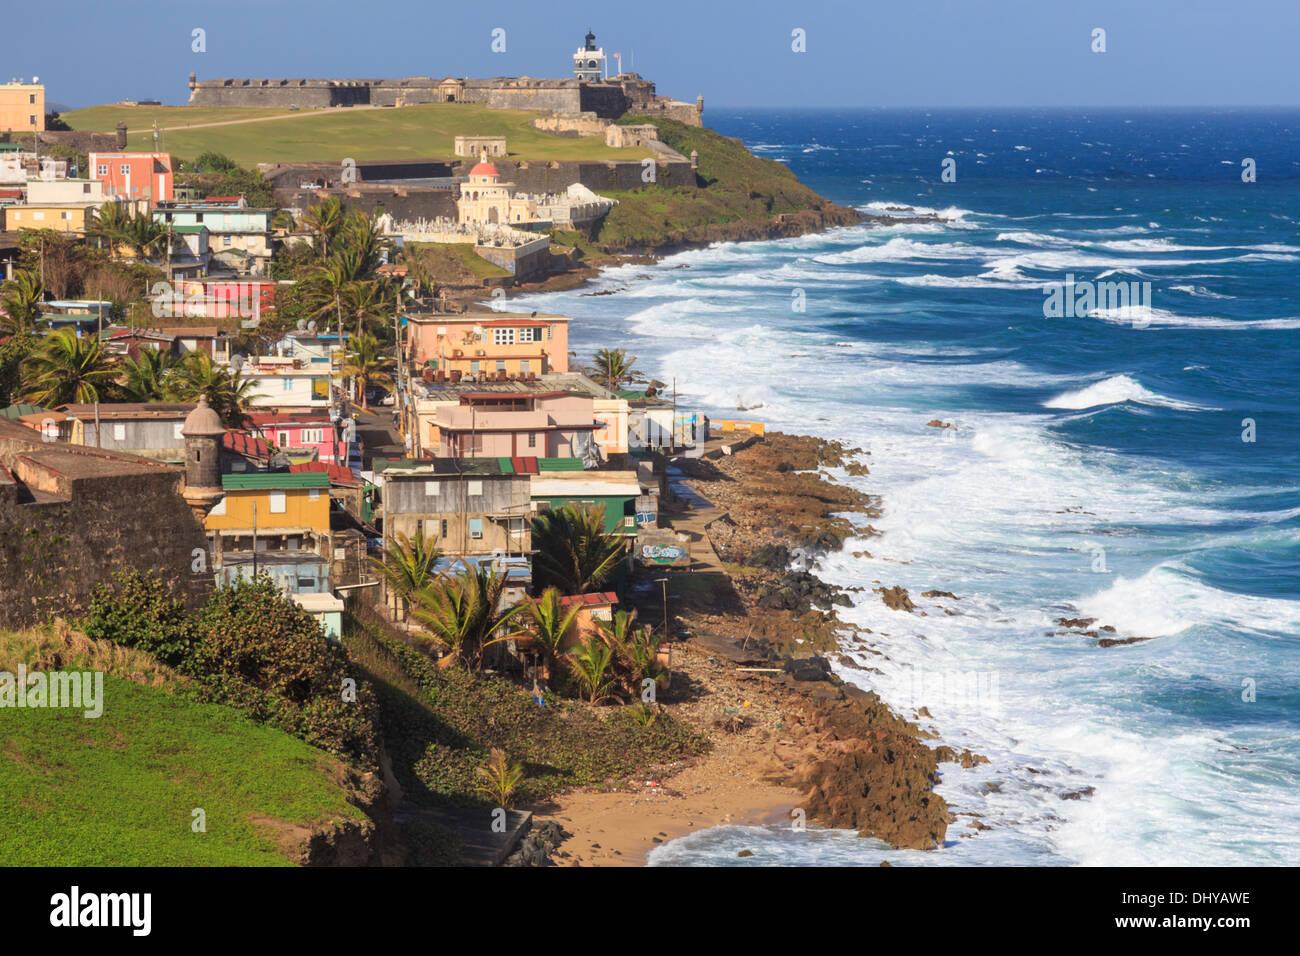 El Morro fort in San Juan, Puerto Rico Immagini Stock